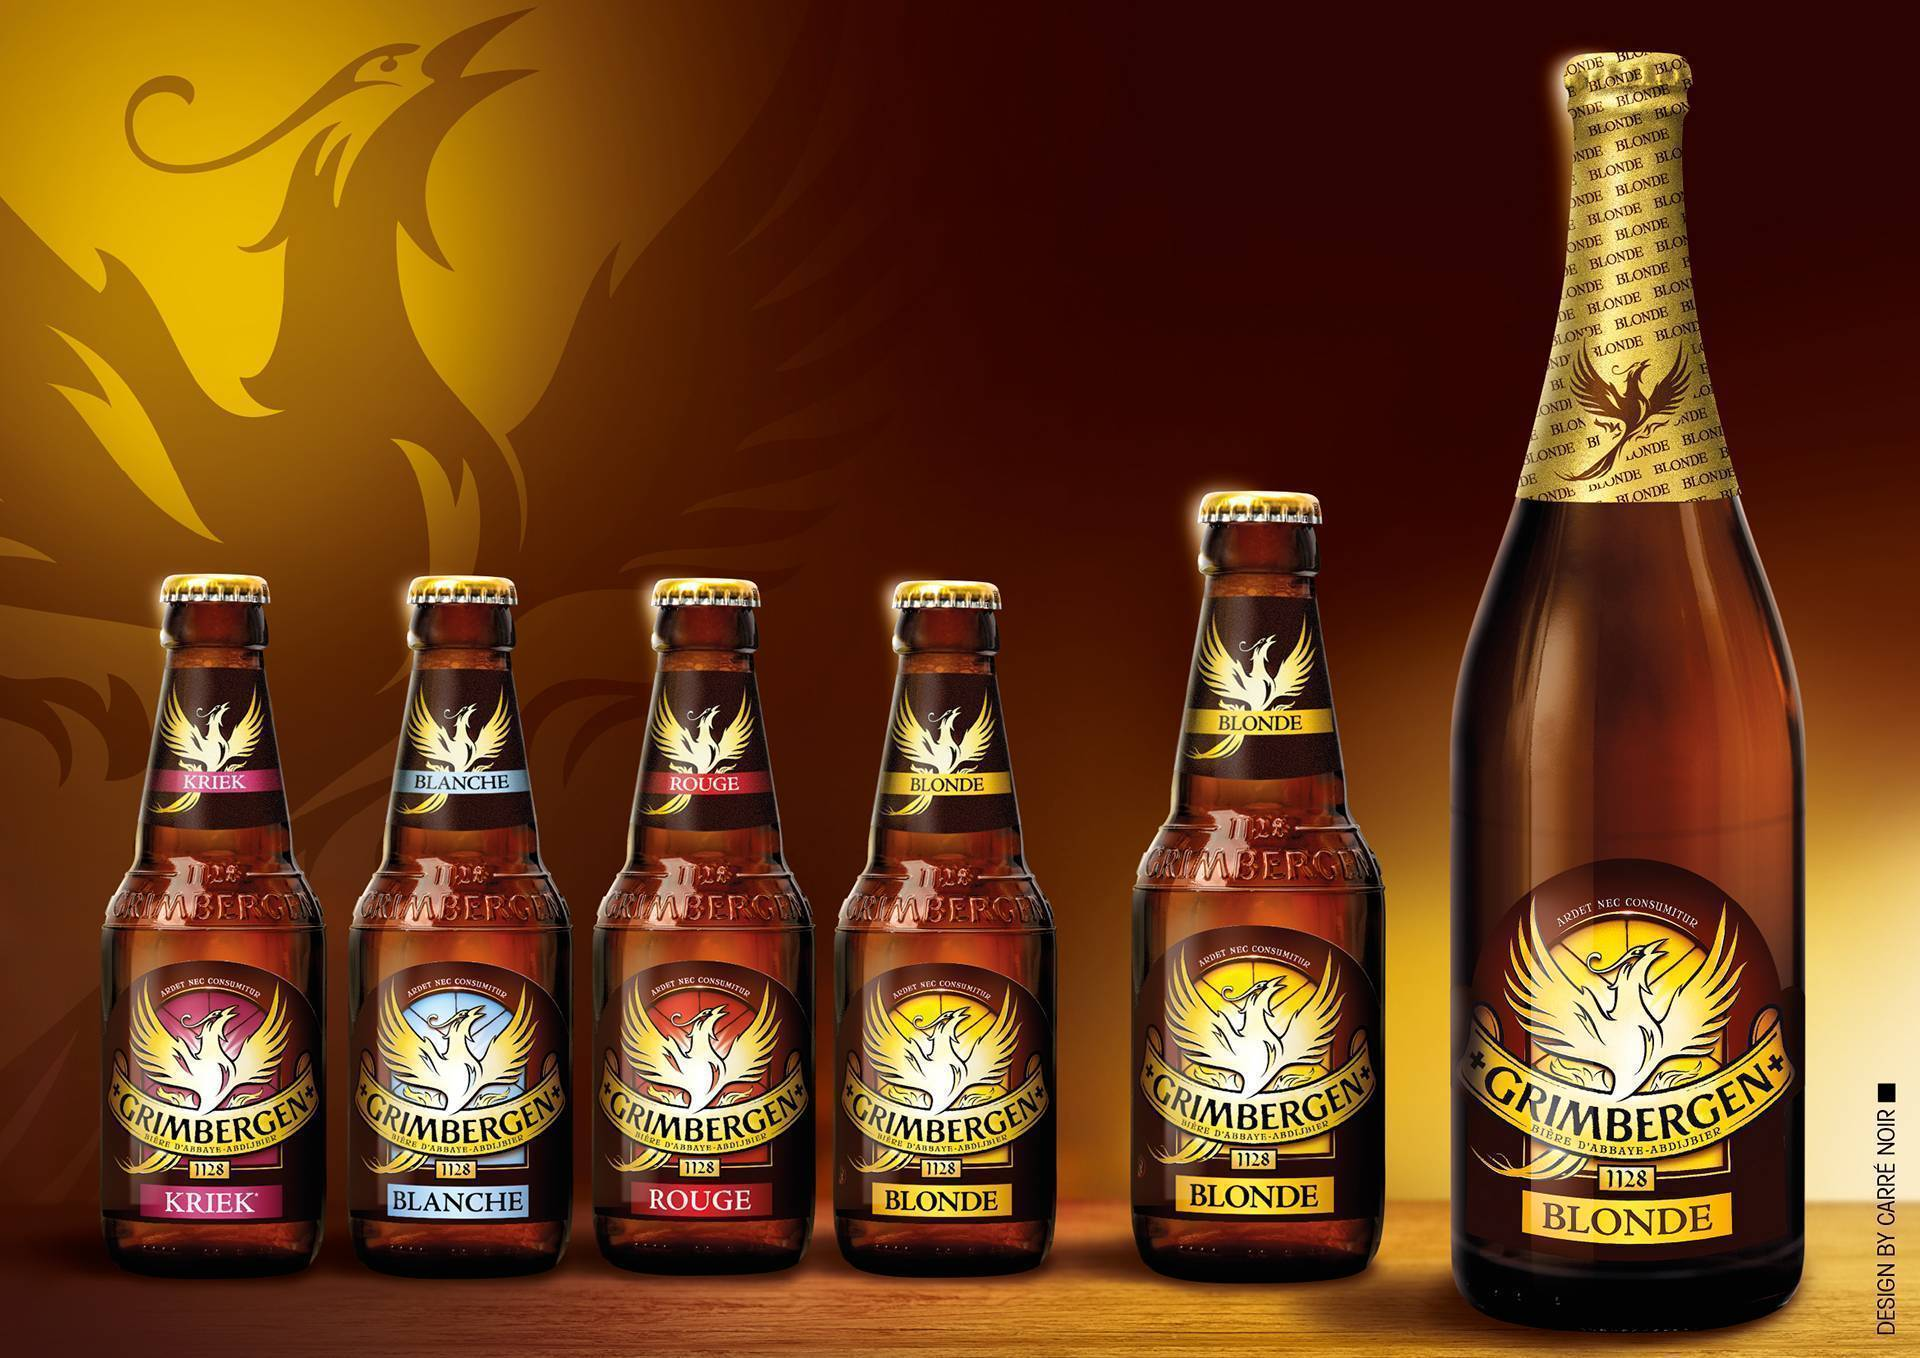 Пиво гримберген (grimbergen): описание, история и виды марки